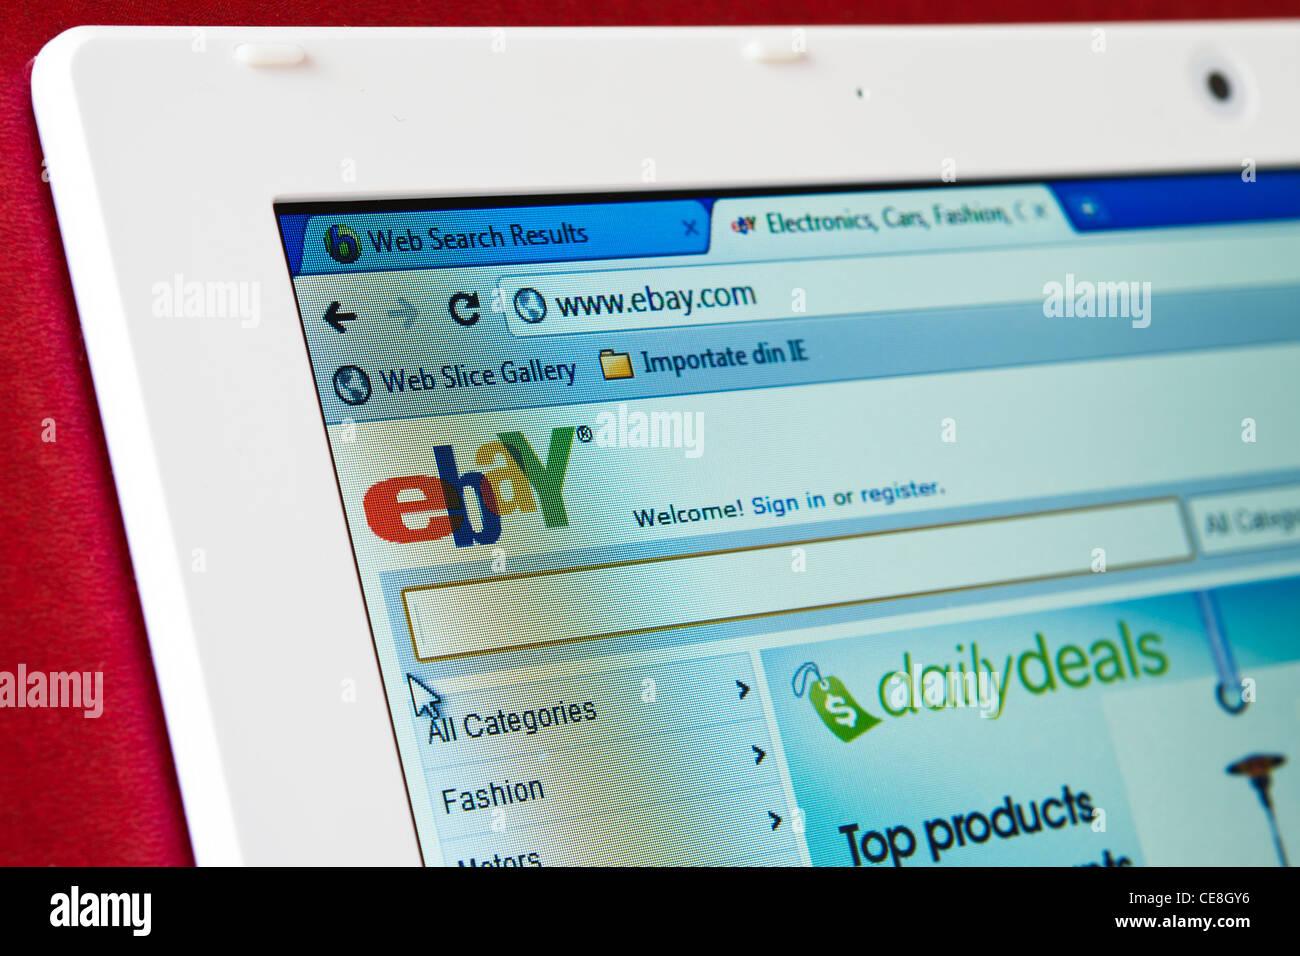 Page d'accueil du site Ebay.com sur l'écran de l'ordinateur portable Photo Stock